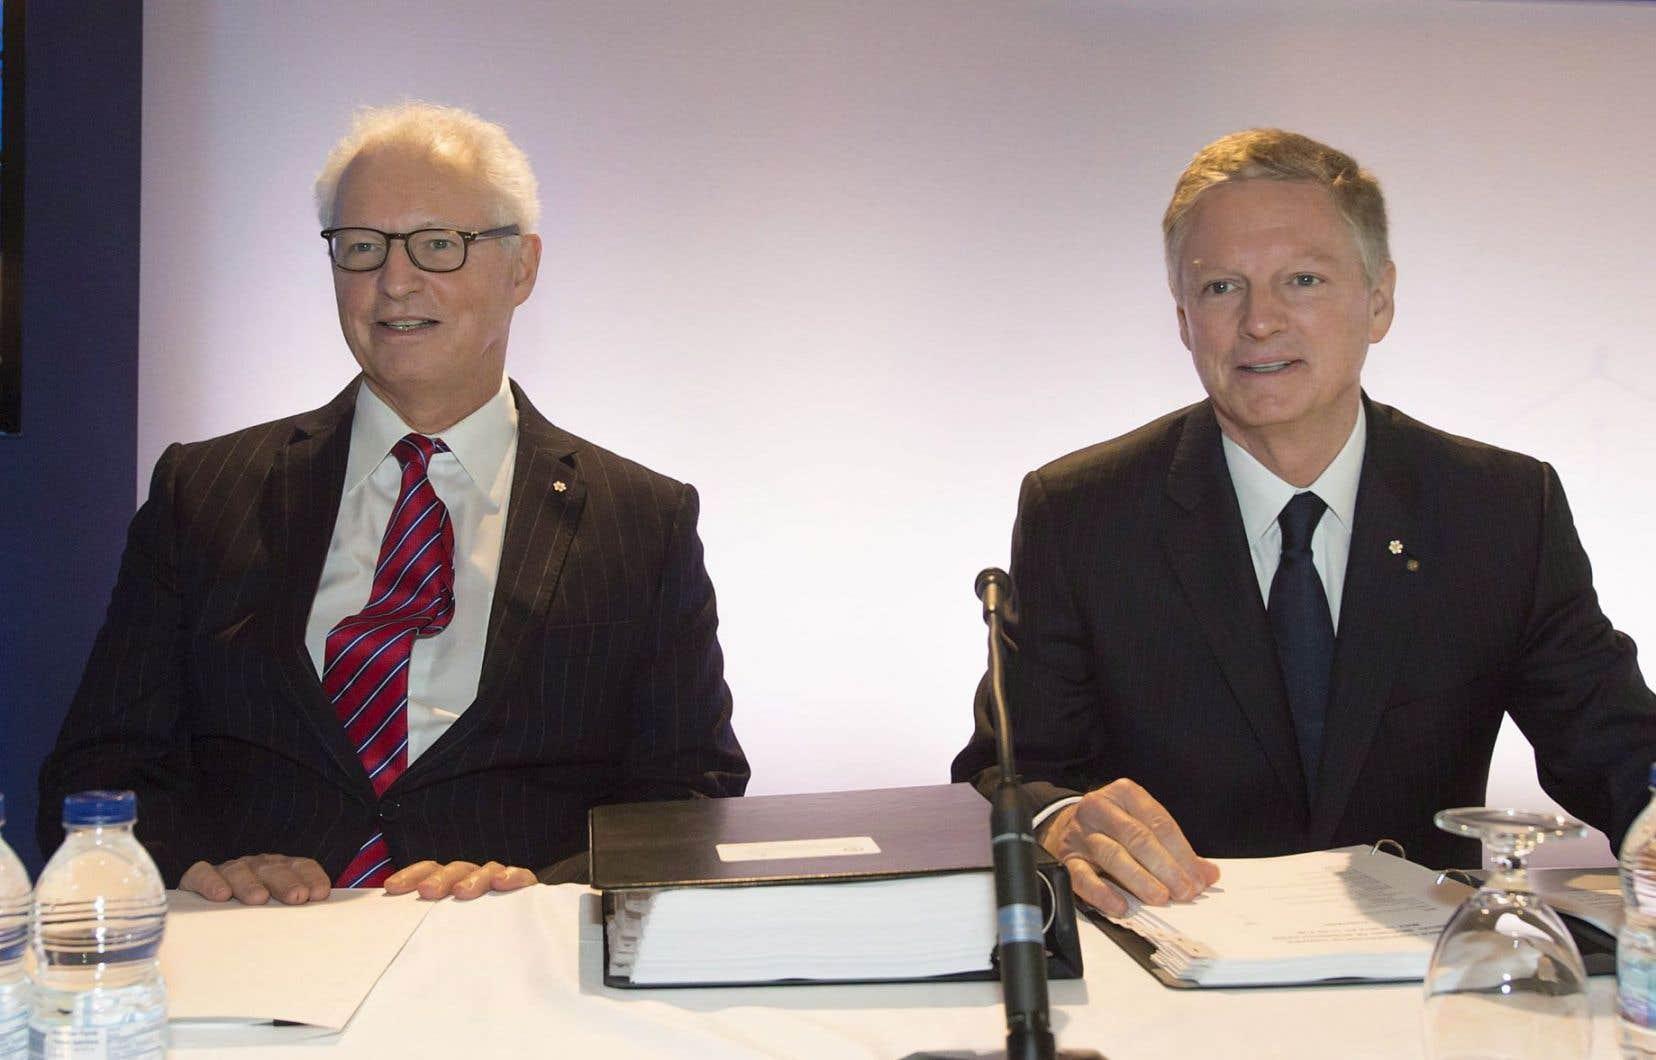 André (gauche) et Paul Desmarais, respectivement le président et le chef exécutif de Power Corporation.